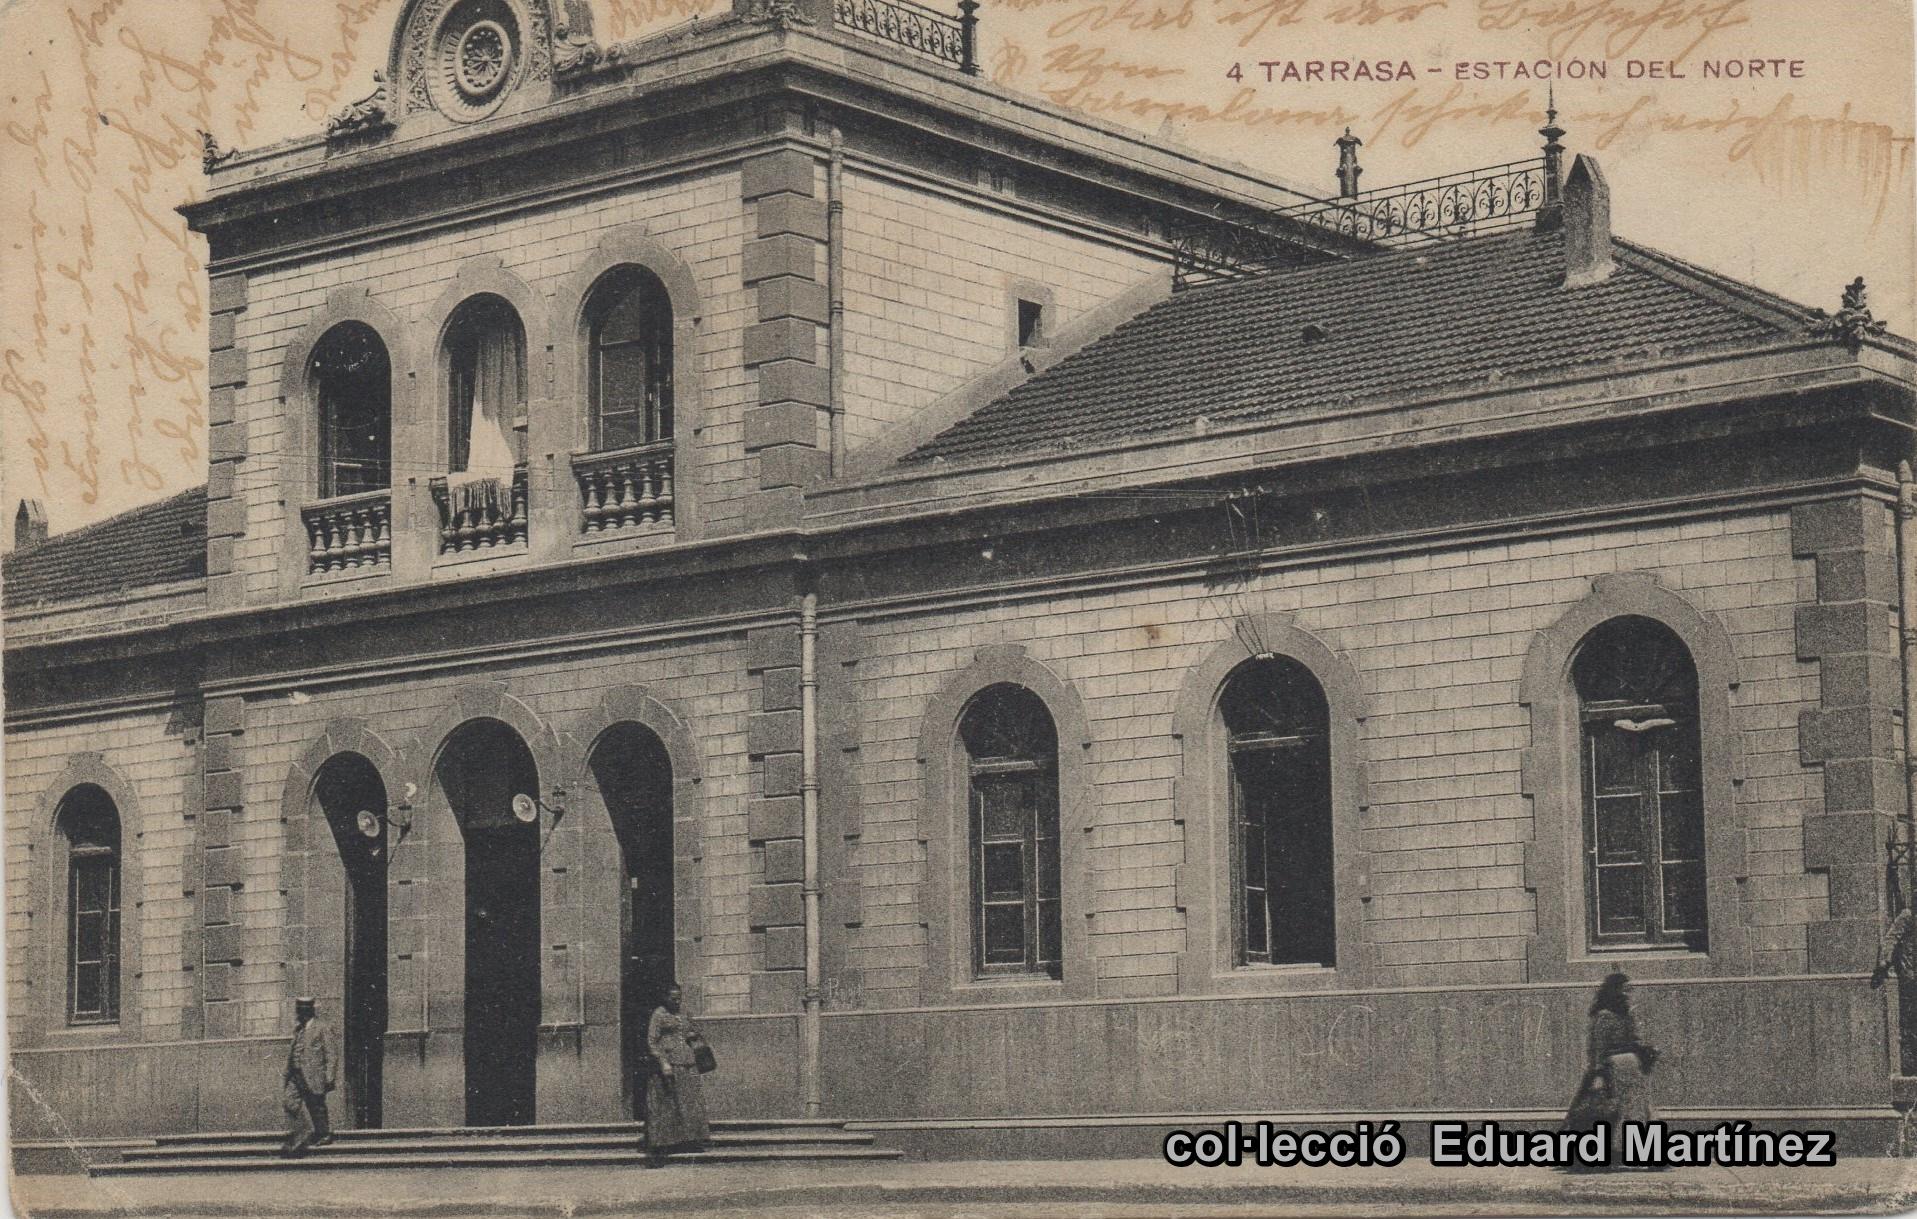 006 Terrassa, principis segle XX arxiu edutrens